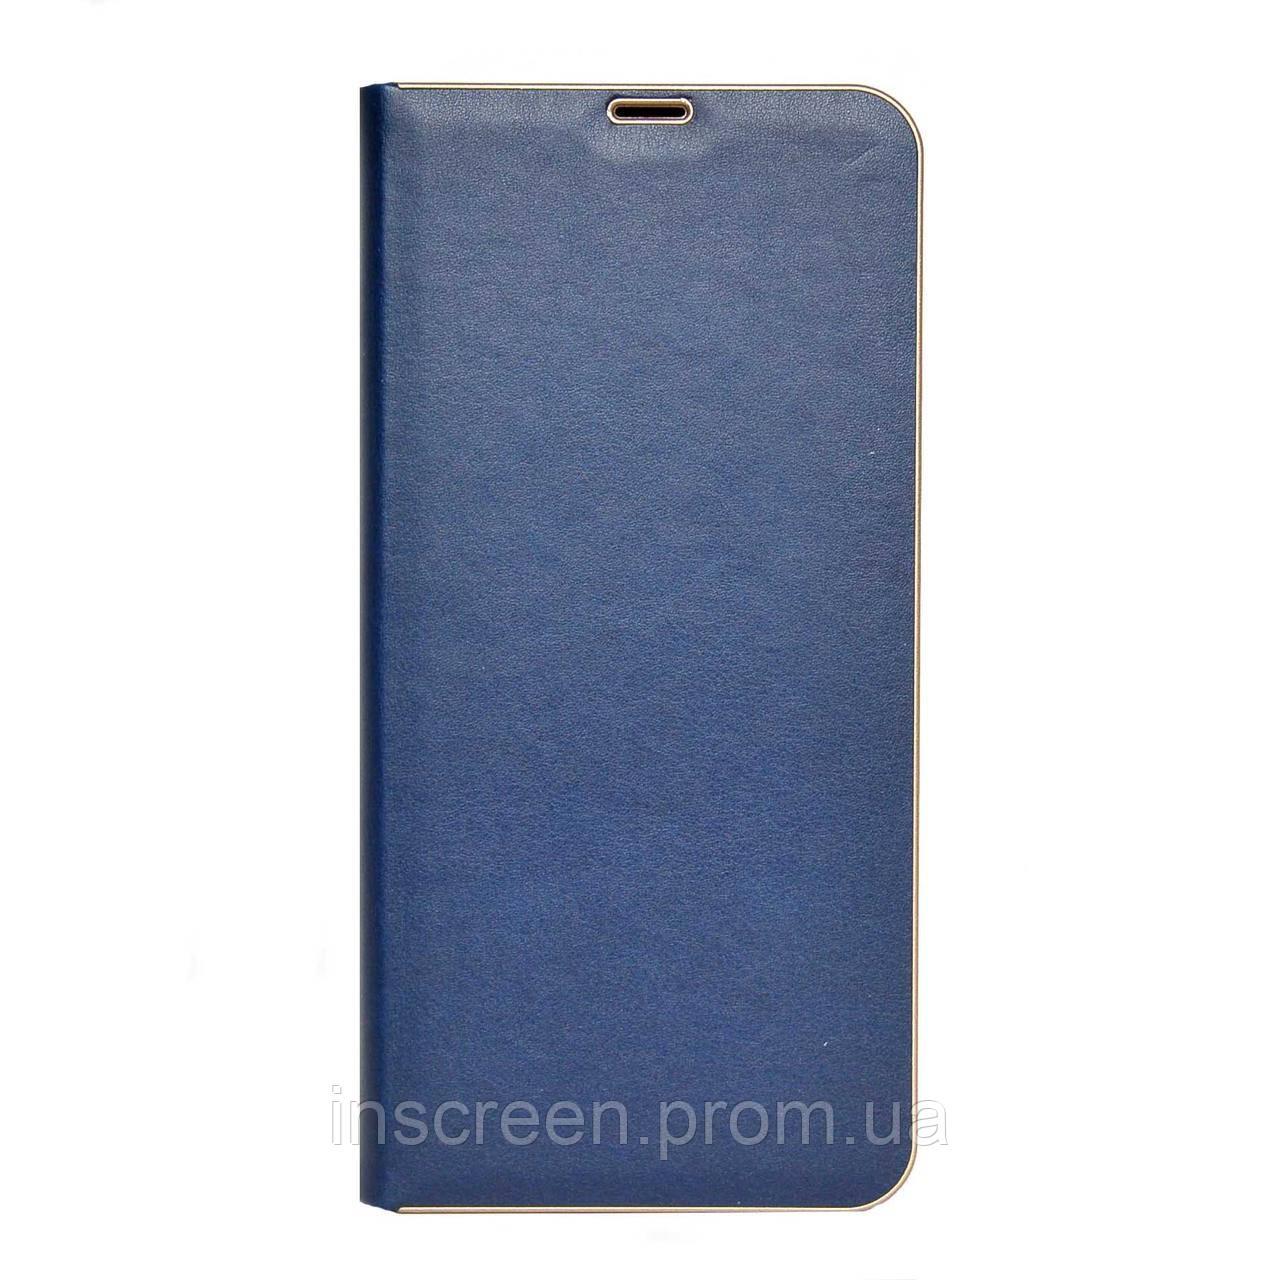 Чохол-книжка Florence TOP 2 Xiaomi Redmi Note 9S, Note 9 Pro під шкіру синій